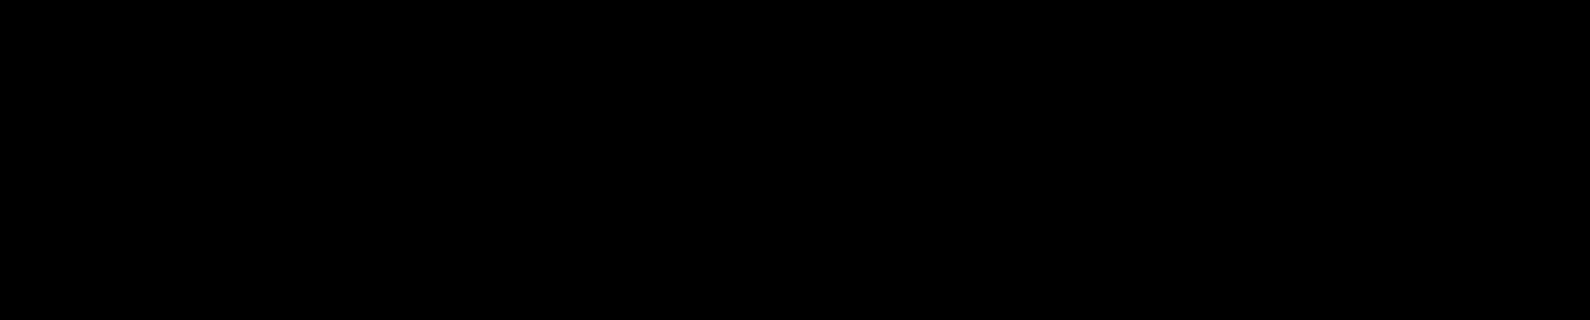 SkyAir_logo